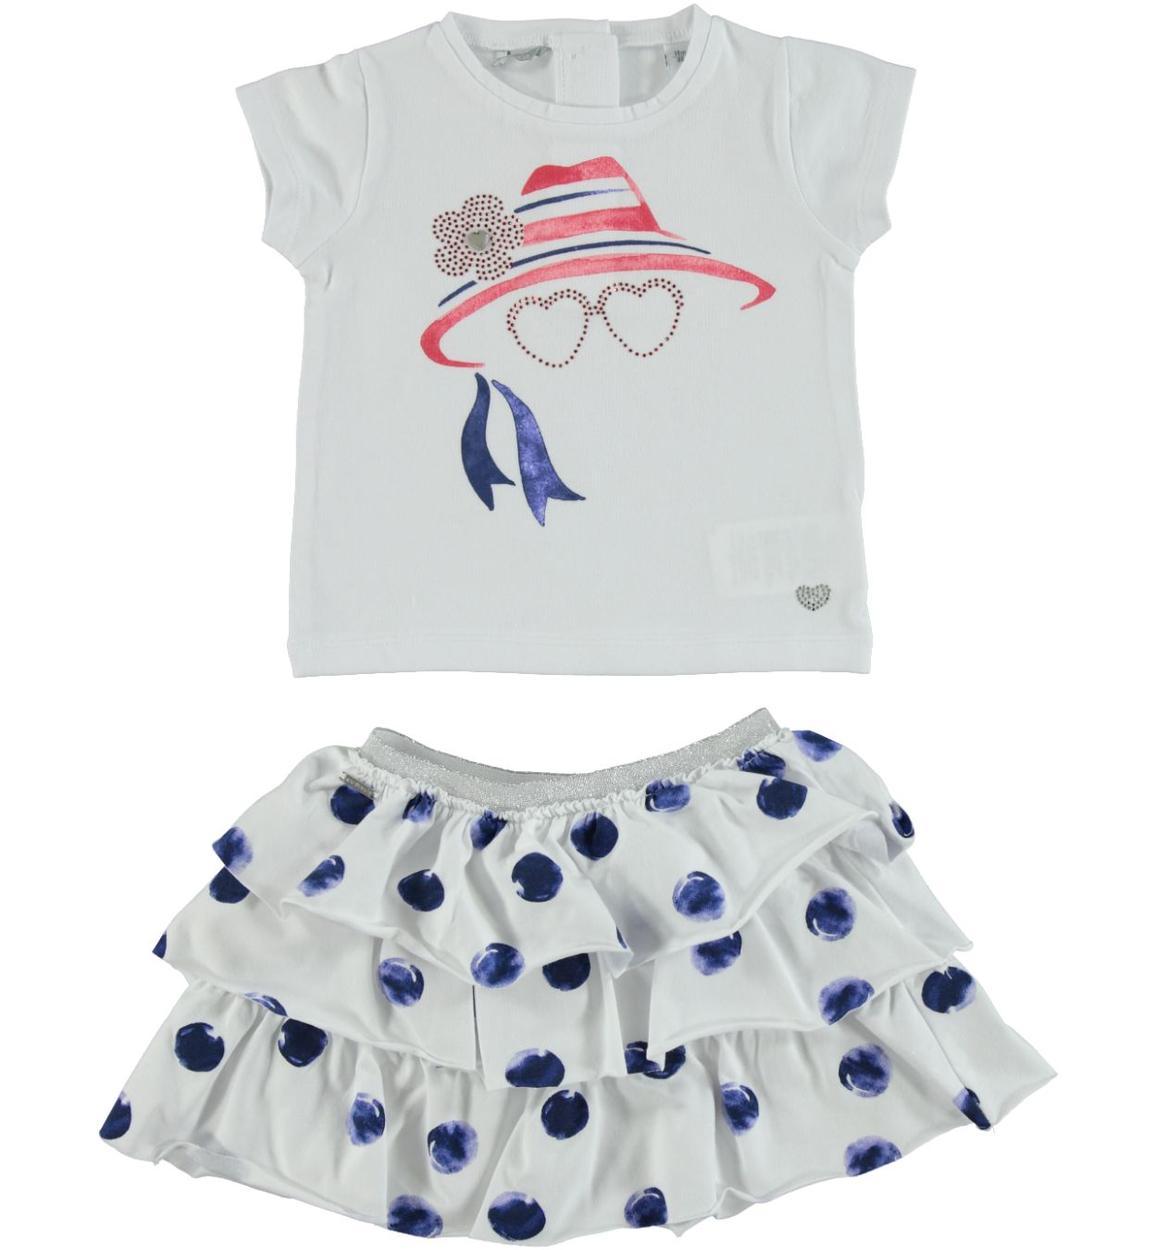 197a6e8626299 Estivo e grazioso completo in jersey stretch di cotone per bambina da 6  mesi a 7 anni Sarabanda